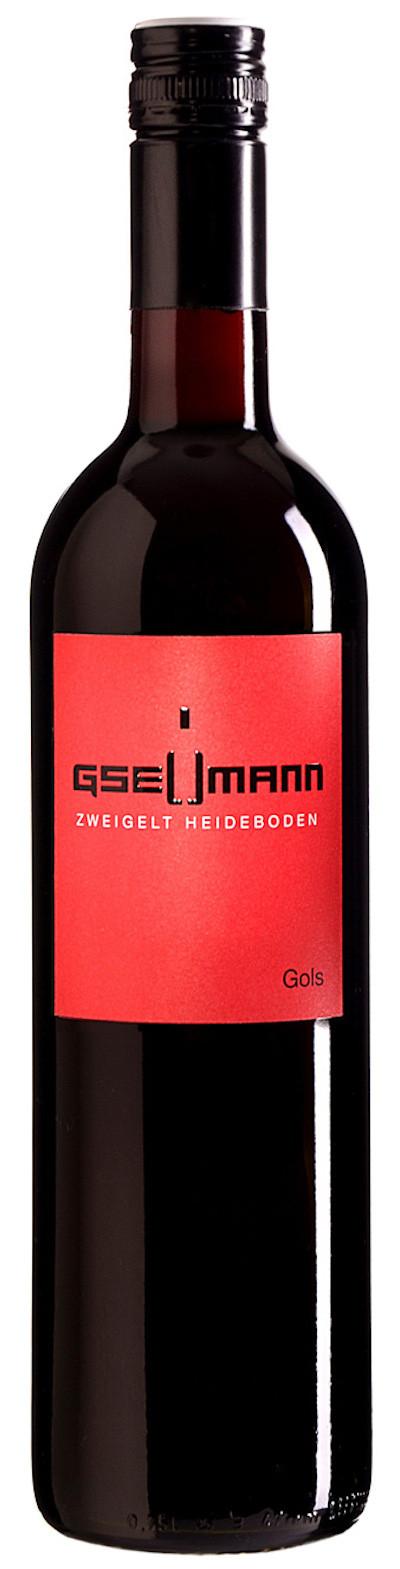 Matthias Gsellmann - Zweigelt Heideboden